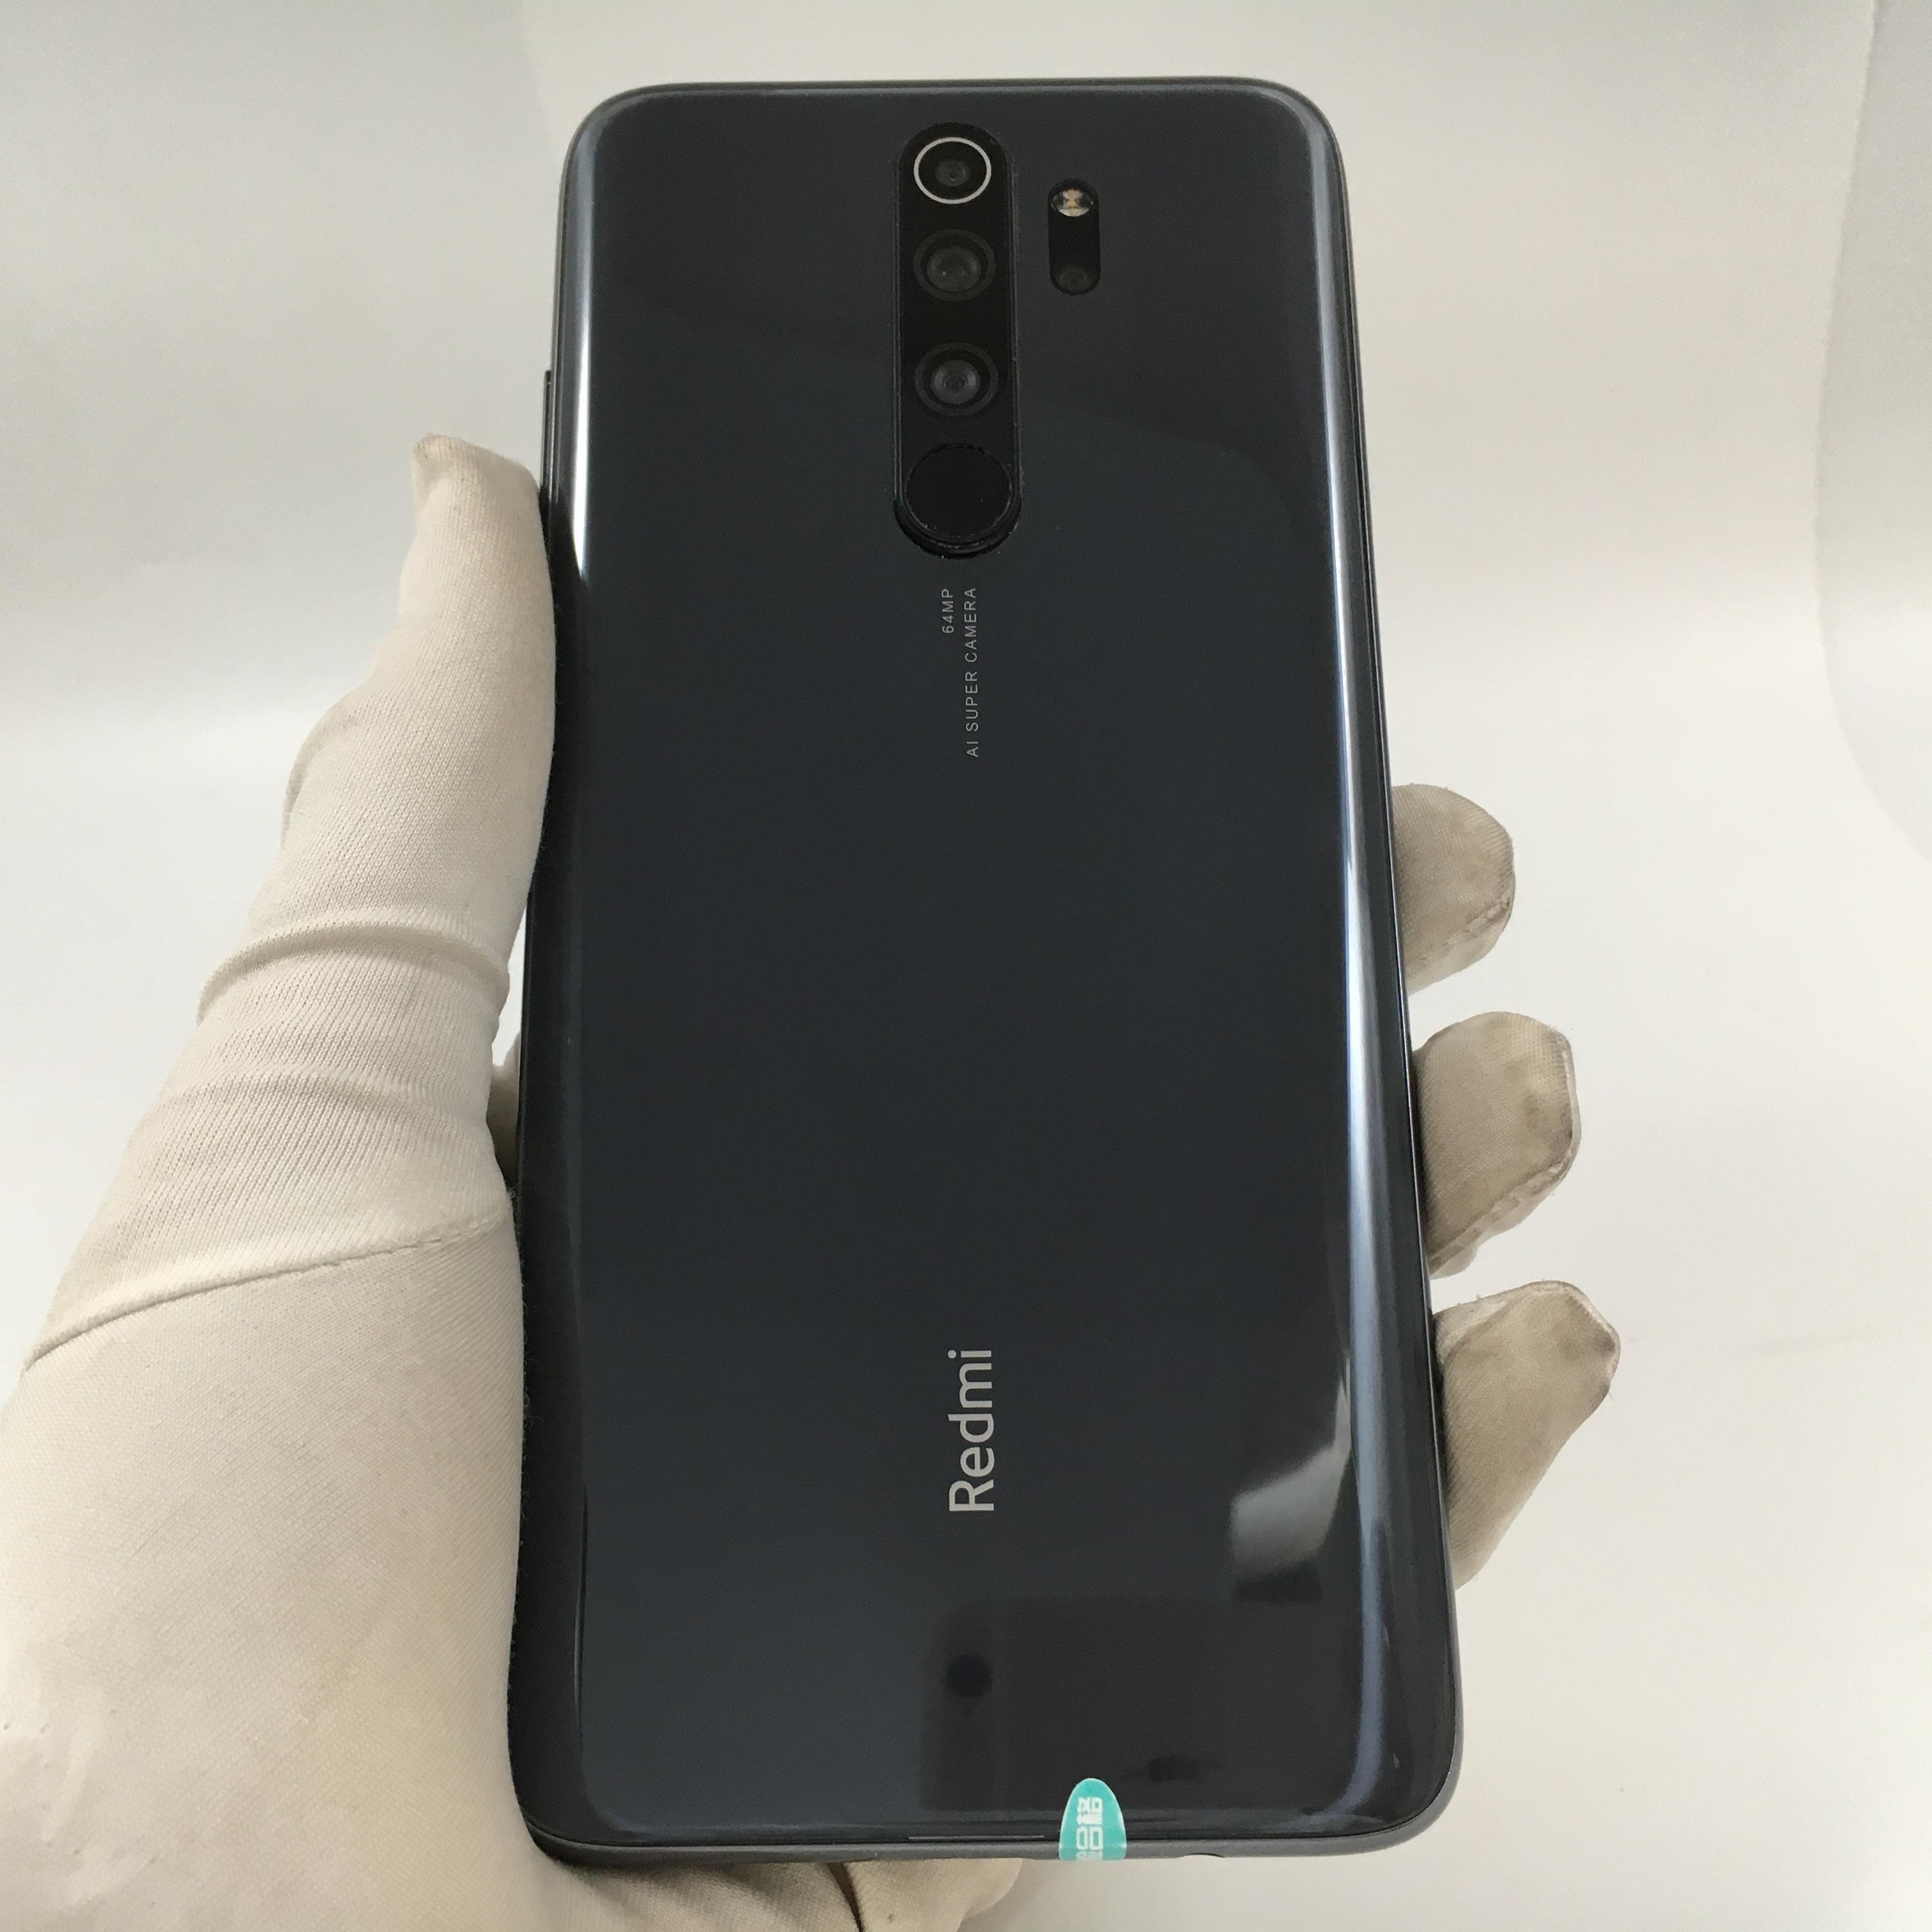 小米【Redmi Note 8 Pro】4G全网通 电光灰 6G/128G 国行 95新